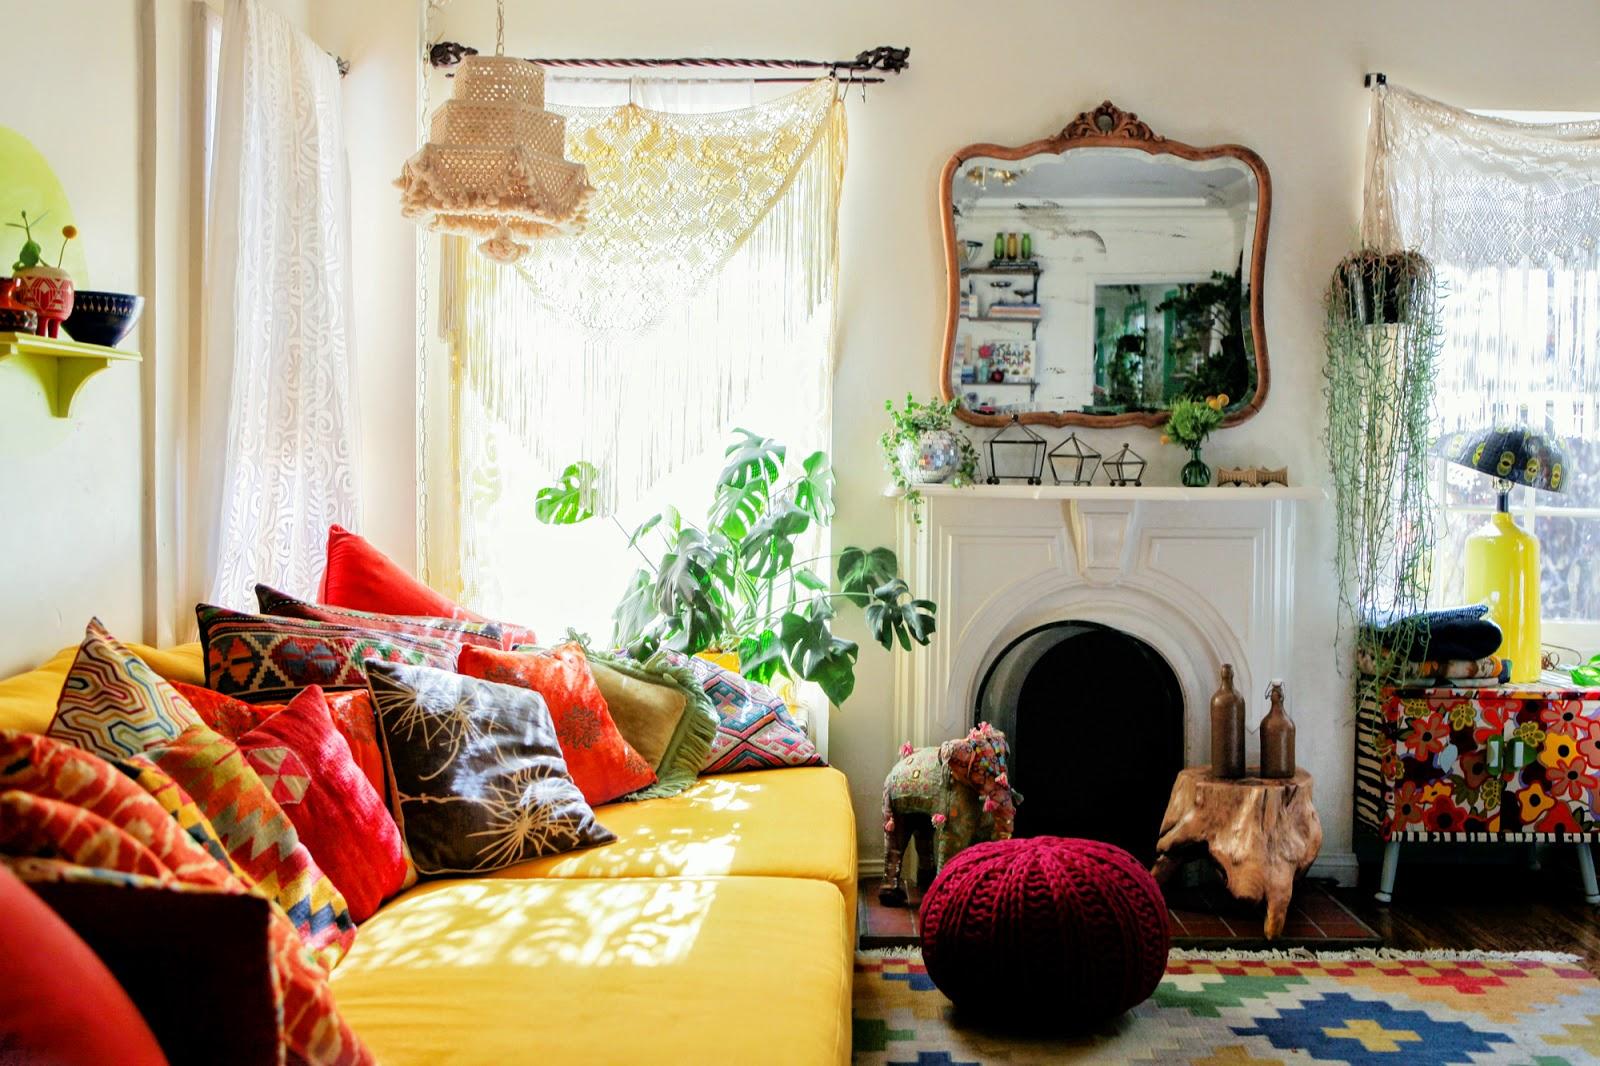 Come arredare la casa con stile grazie all 39 usato mercatopoli - Usato camera da letto ...